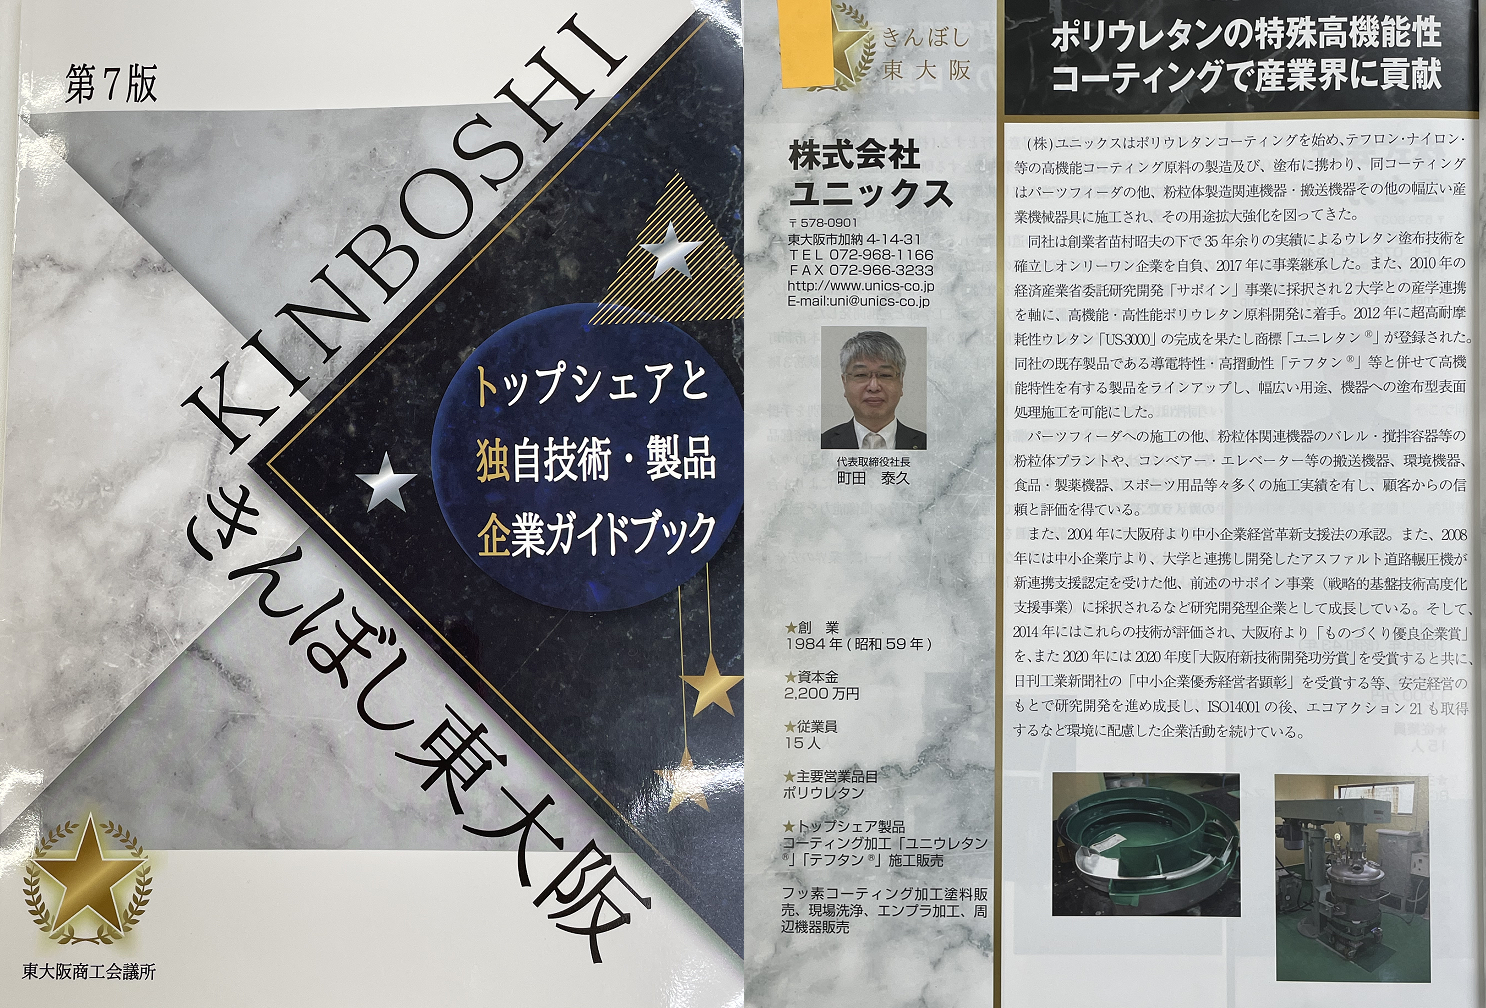 今年も「きんぼし東大阪」(第7版)に掲載されました。